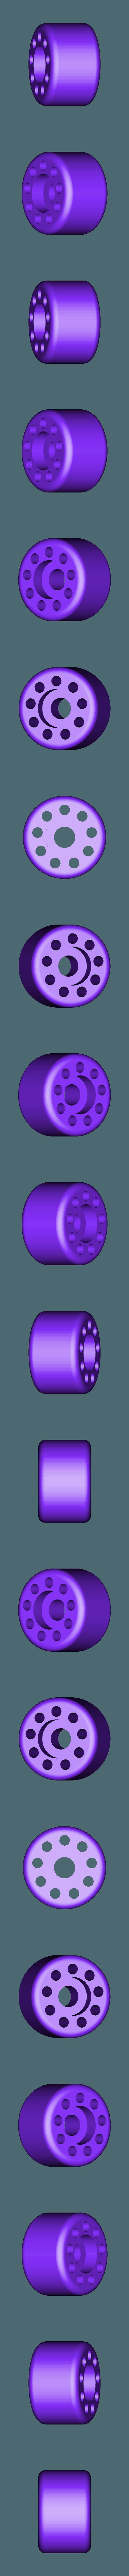 ARRMA_WHEEL_SMALL.stl Télécharger fichier STL gratuit Arrma Wheelie Barre à roue Typhon BLX 6S • Modèle pour imprimante 3D, peterbroeders